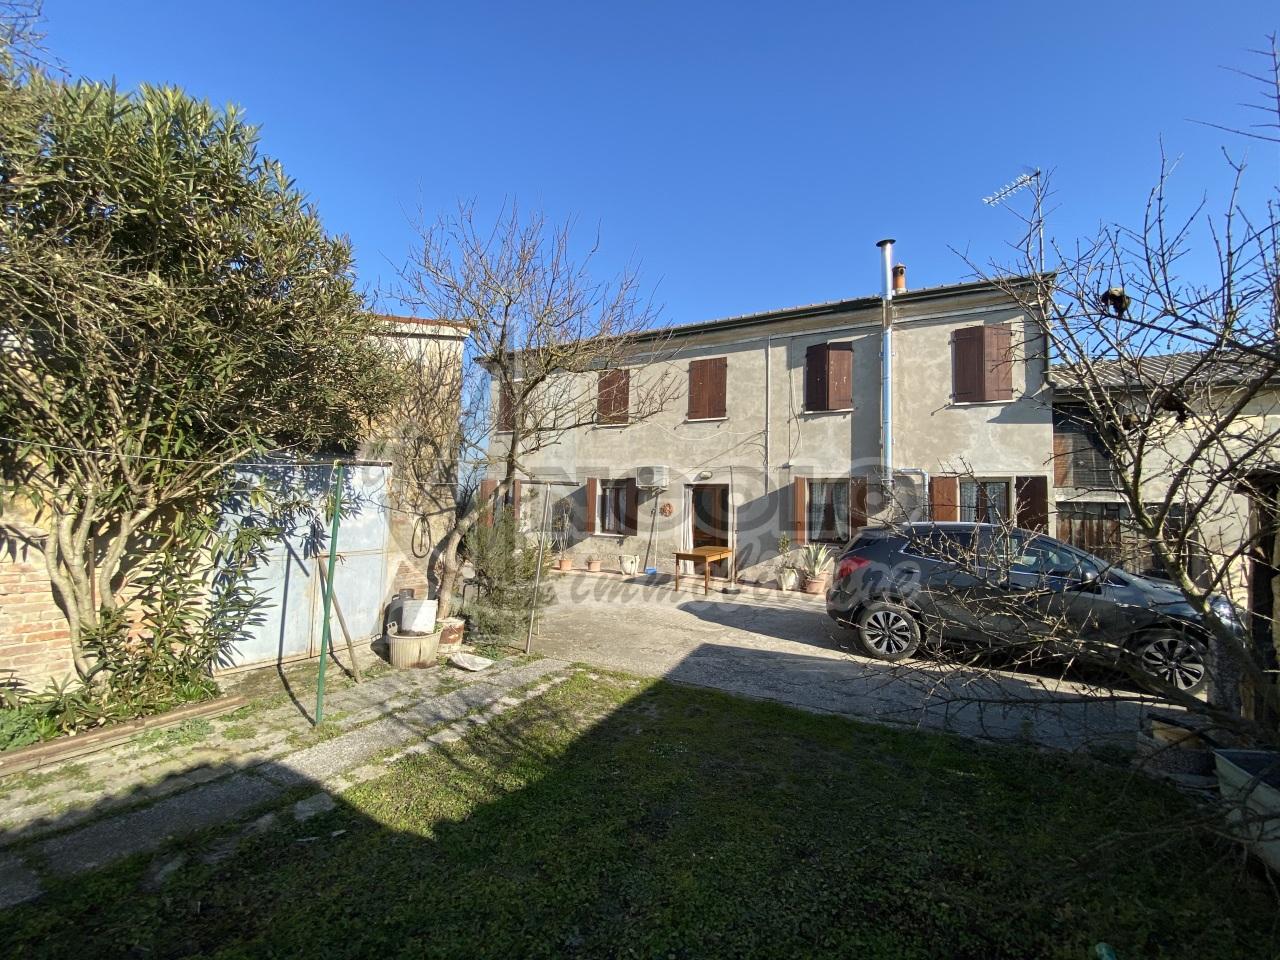 Rustico / Casale in vendita a Canaro, 7 locali, prezzo € 98.000 | CambioCasa.it